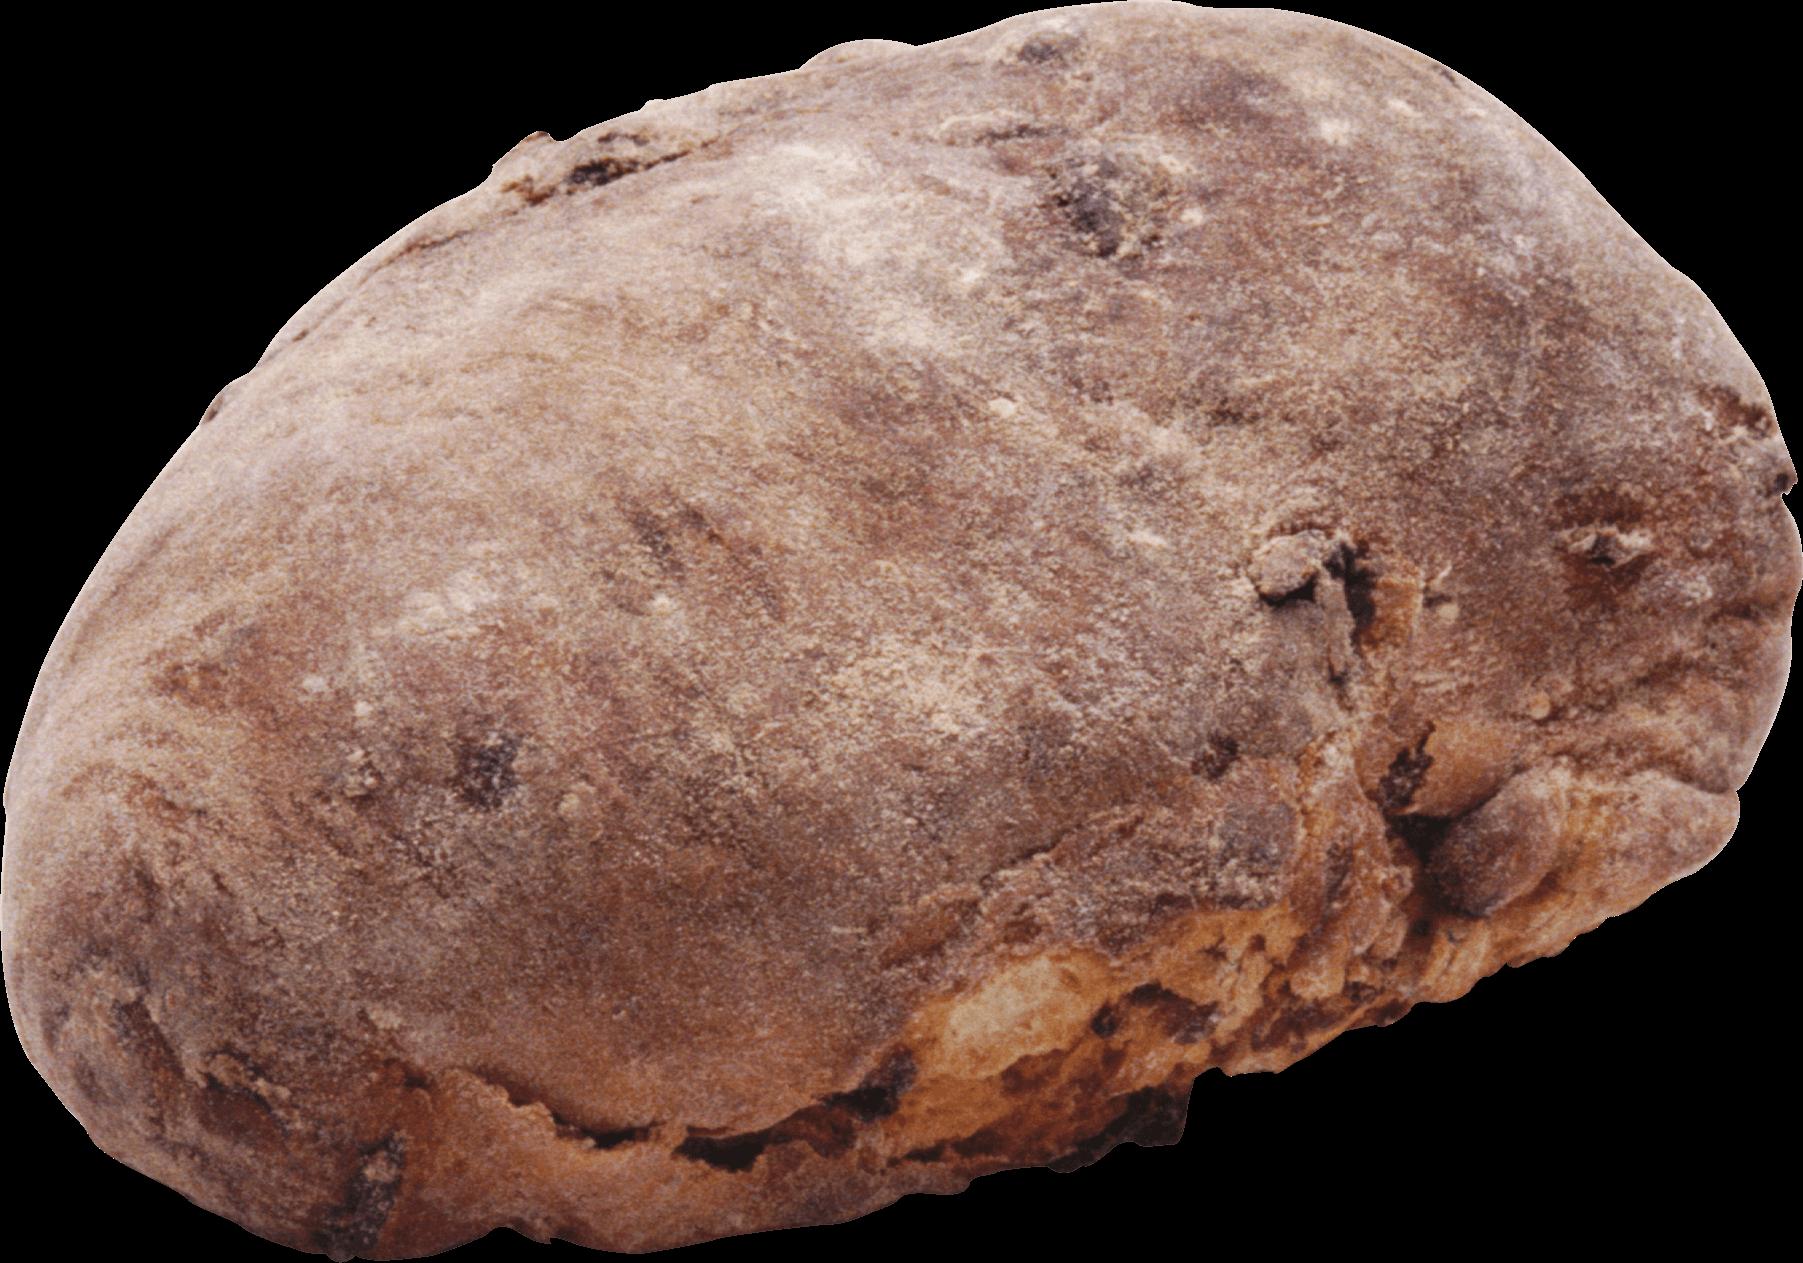 Five buns transparent png. Potato clipart russet